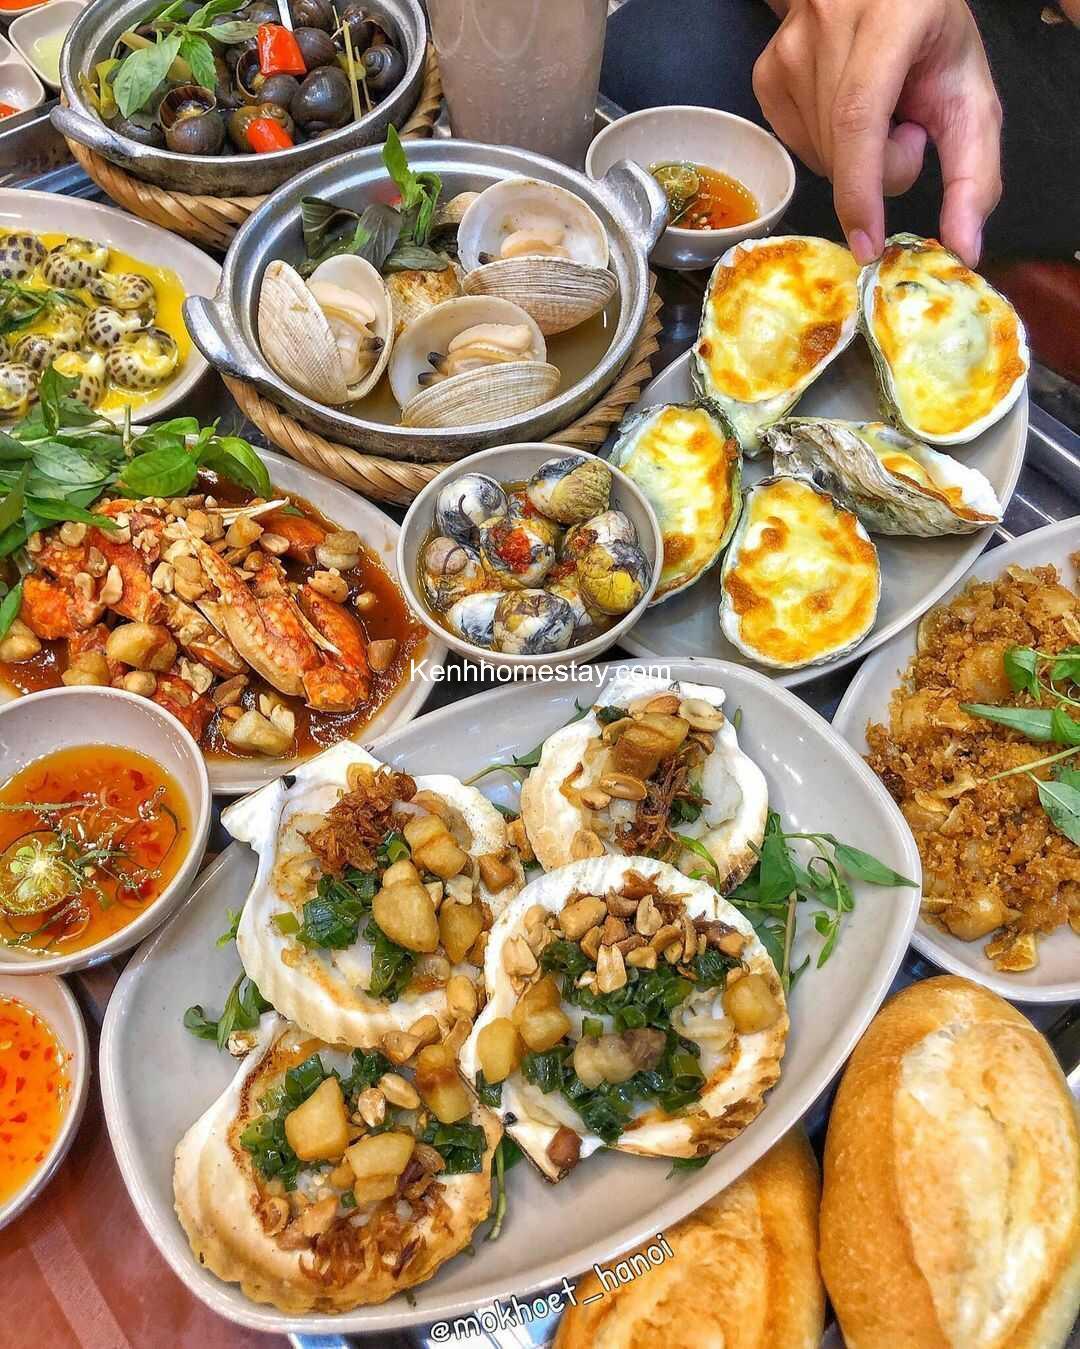 Top 10 Quán ốc ngon ở Cầu Giấy – Hà Nội nổi tiếng đông khách nhất